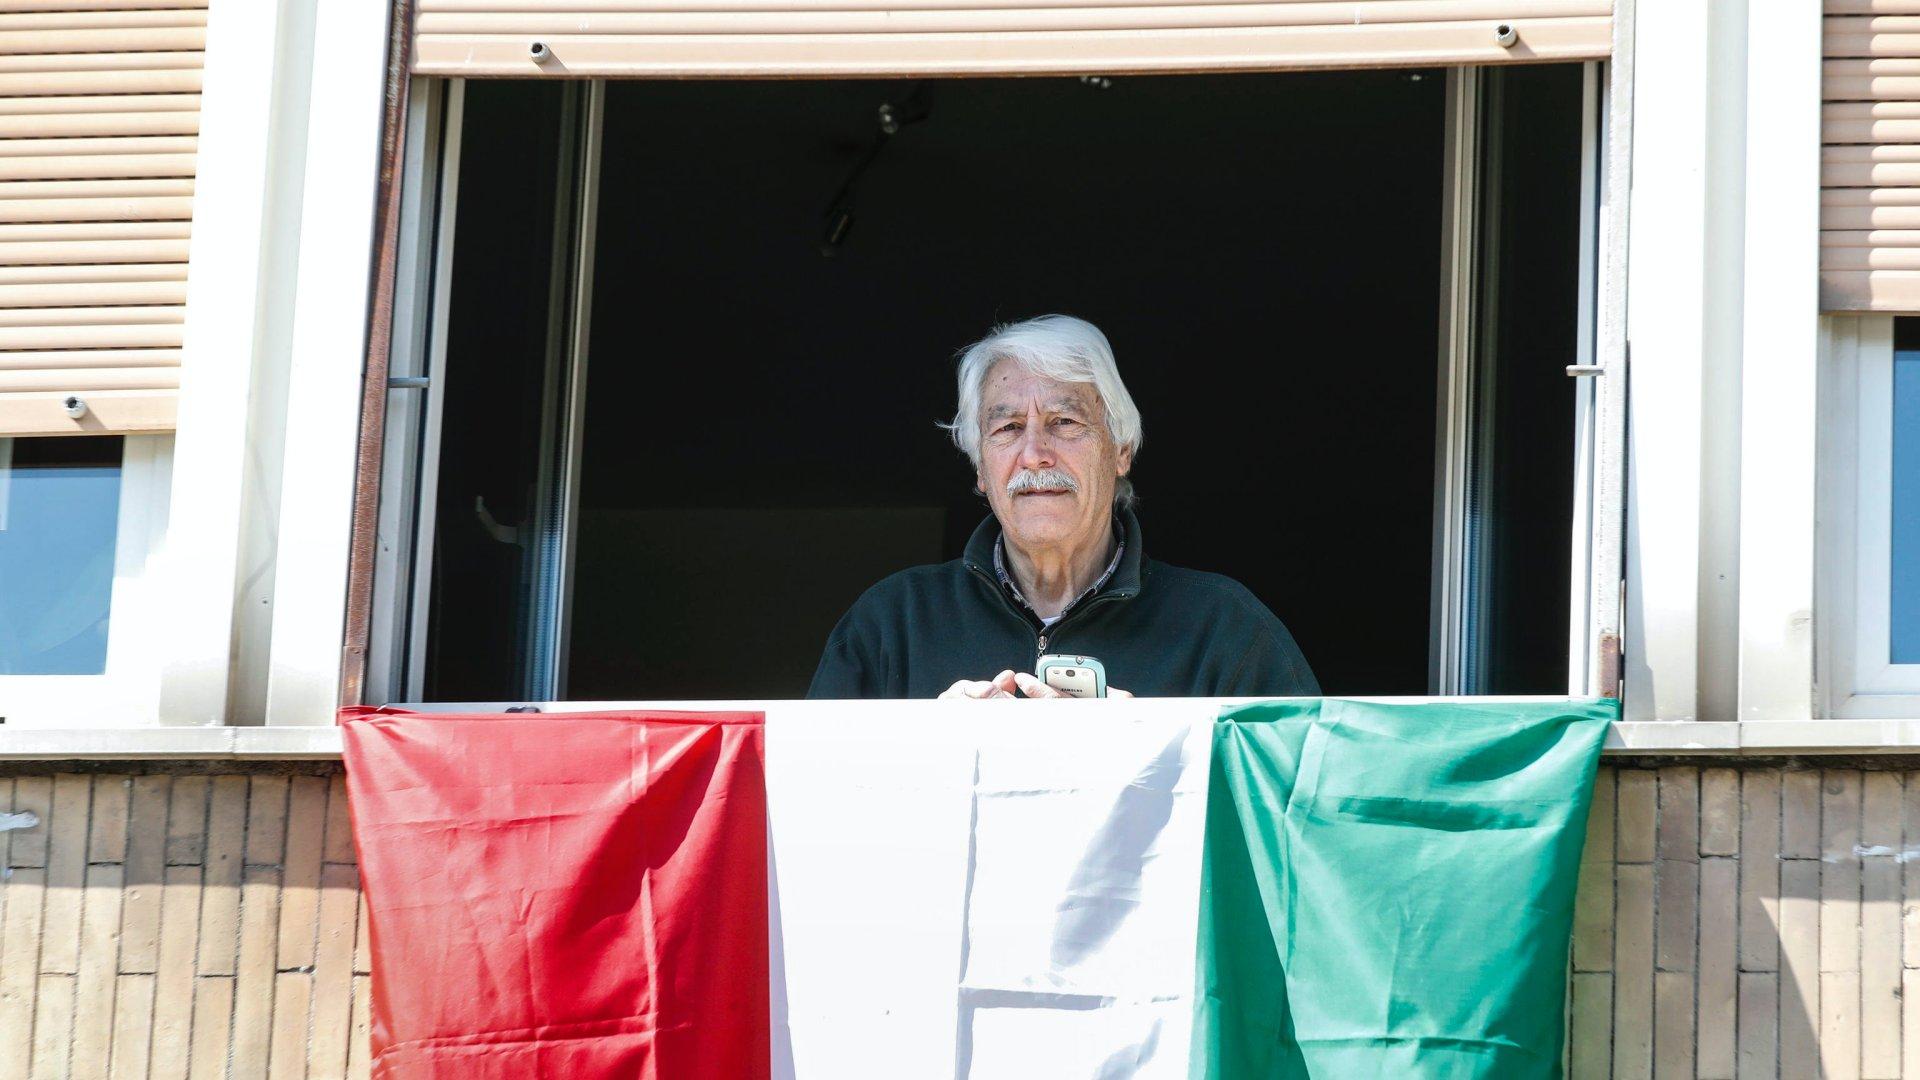 Nemzeti színű zászlót lógat ki idős férfi lakása ablakából Rómában a koronavírus-járvány miatt bevezetett kijárási tilalom idején, 2020. március 20-án (fotó: MTI/EPA-ANSA/Giuseppe Lami)